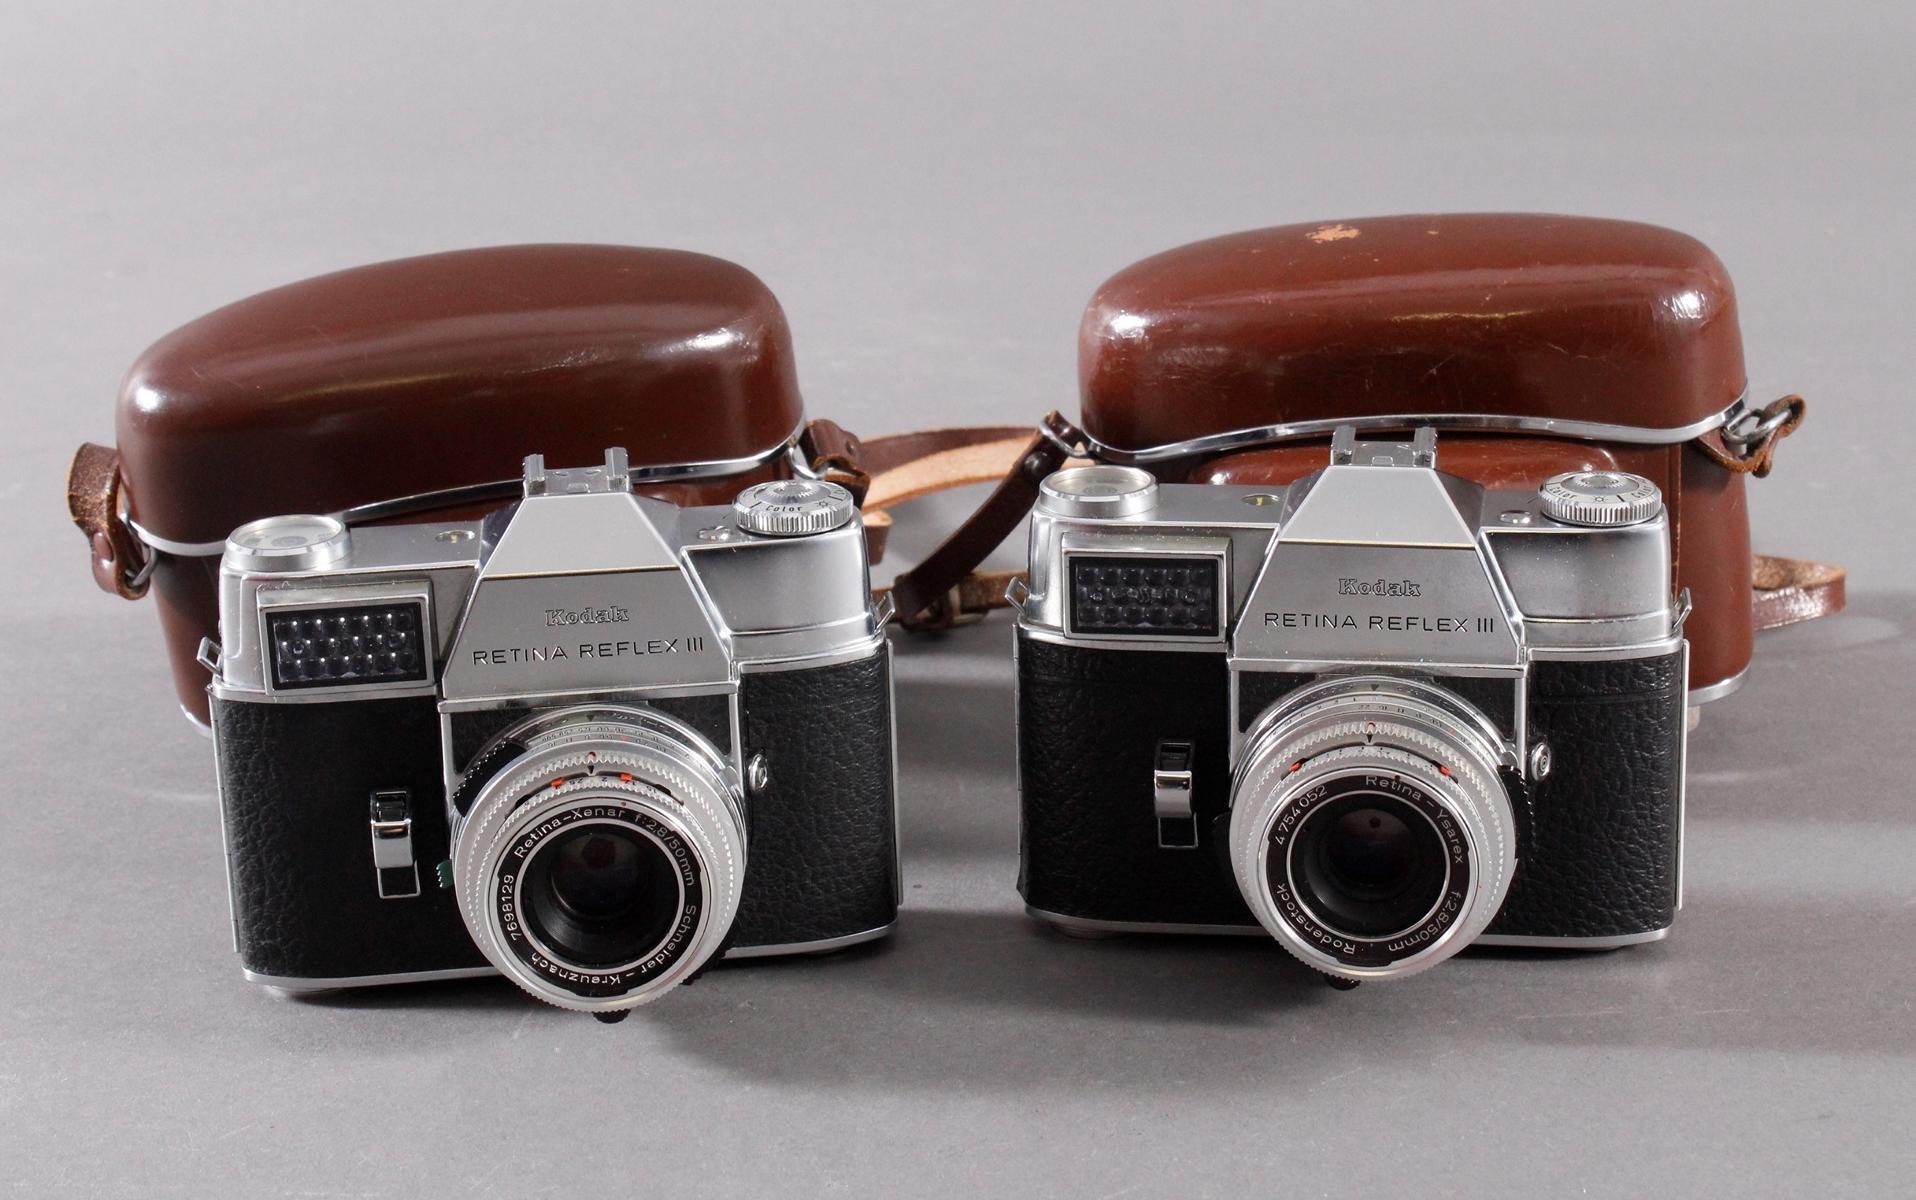 Zwei Fotoapparate/Kameras, Kodak